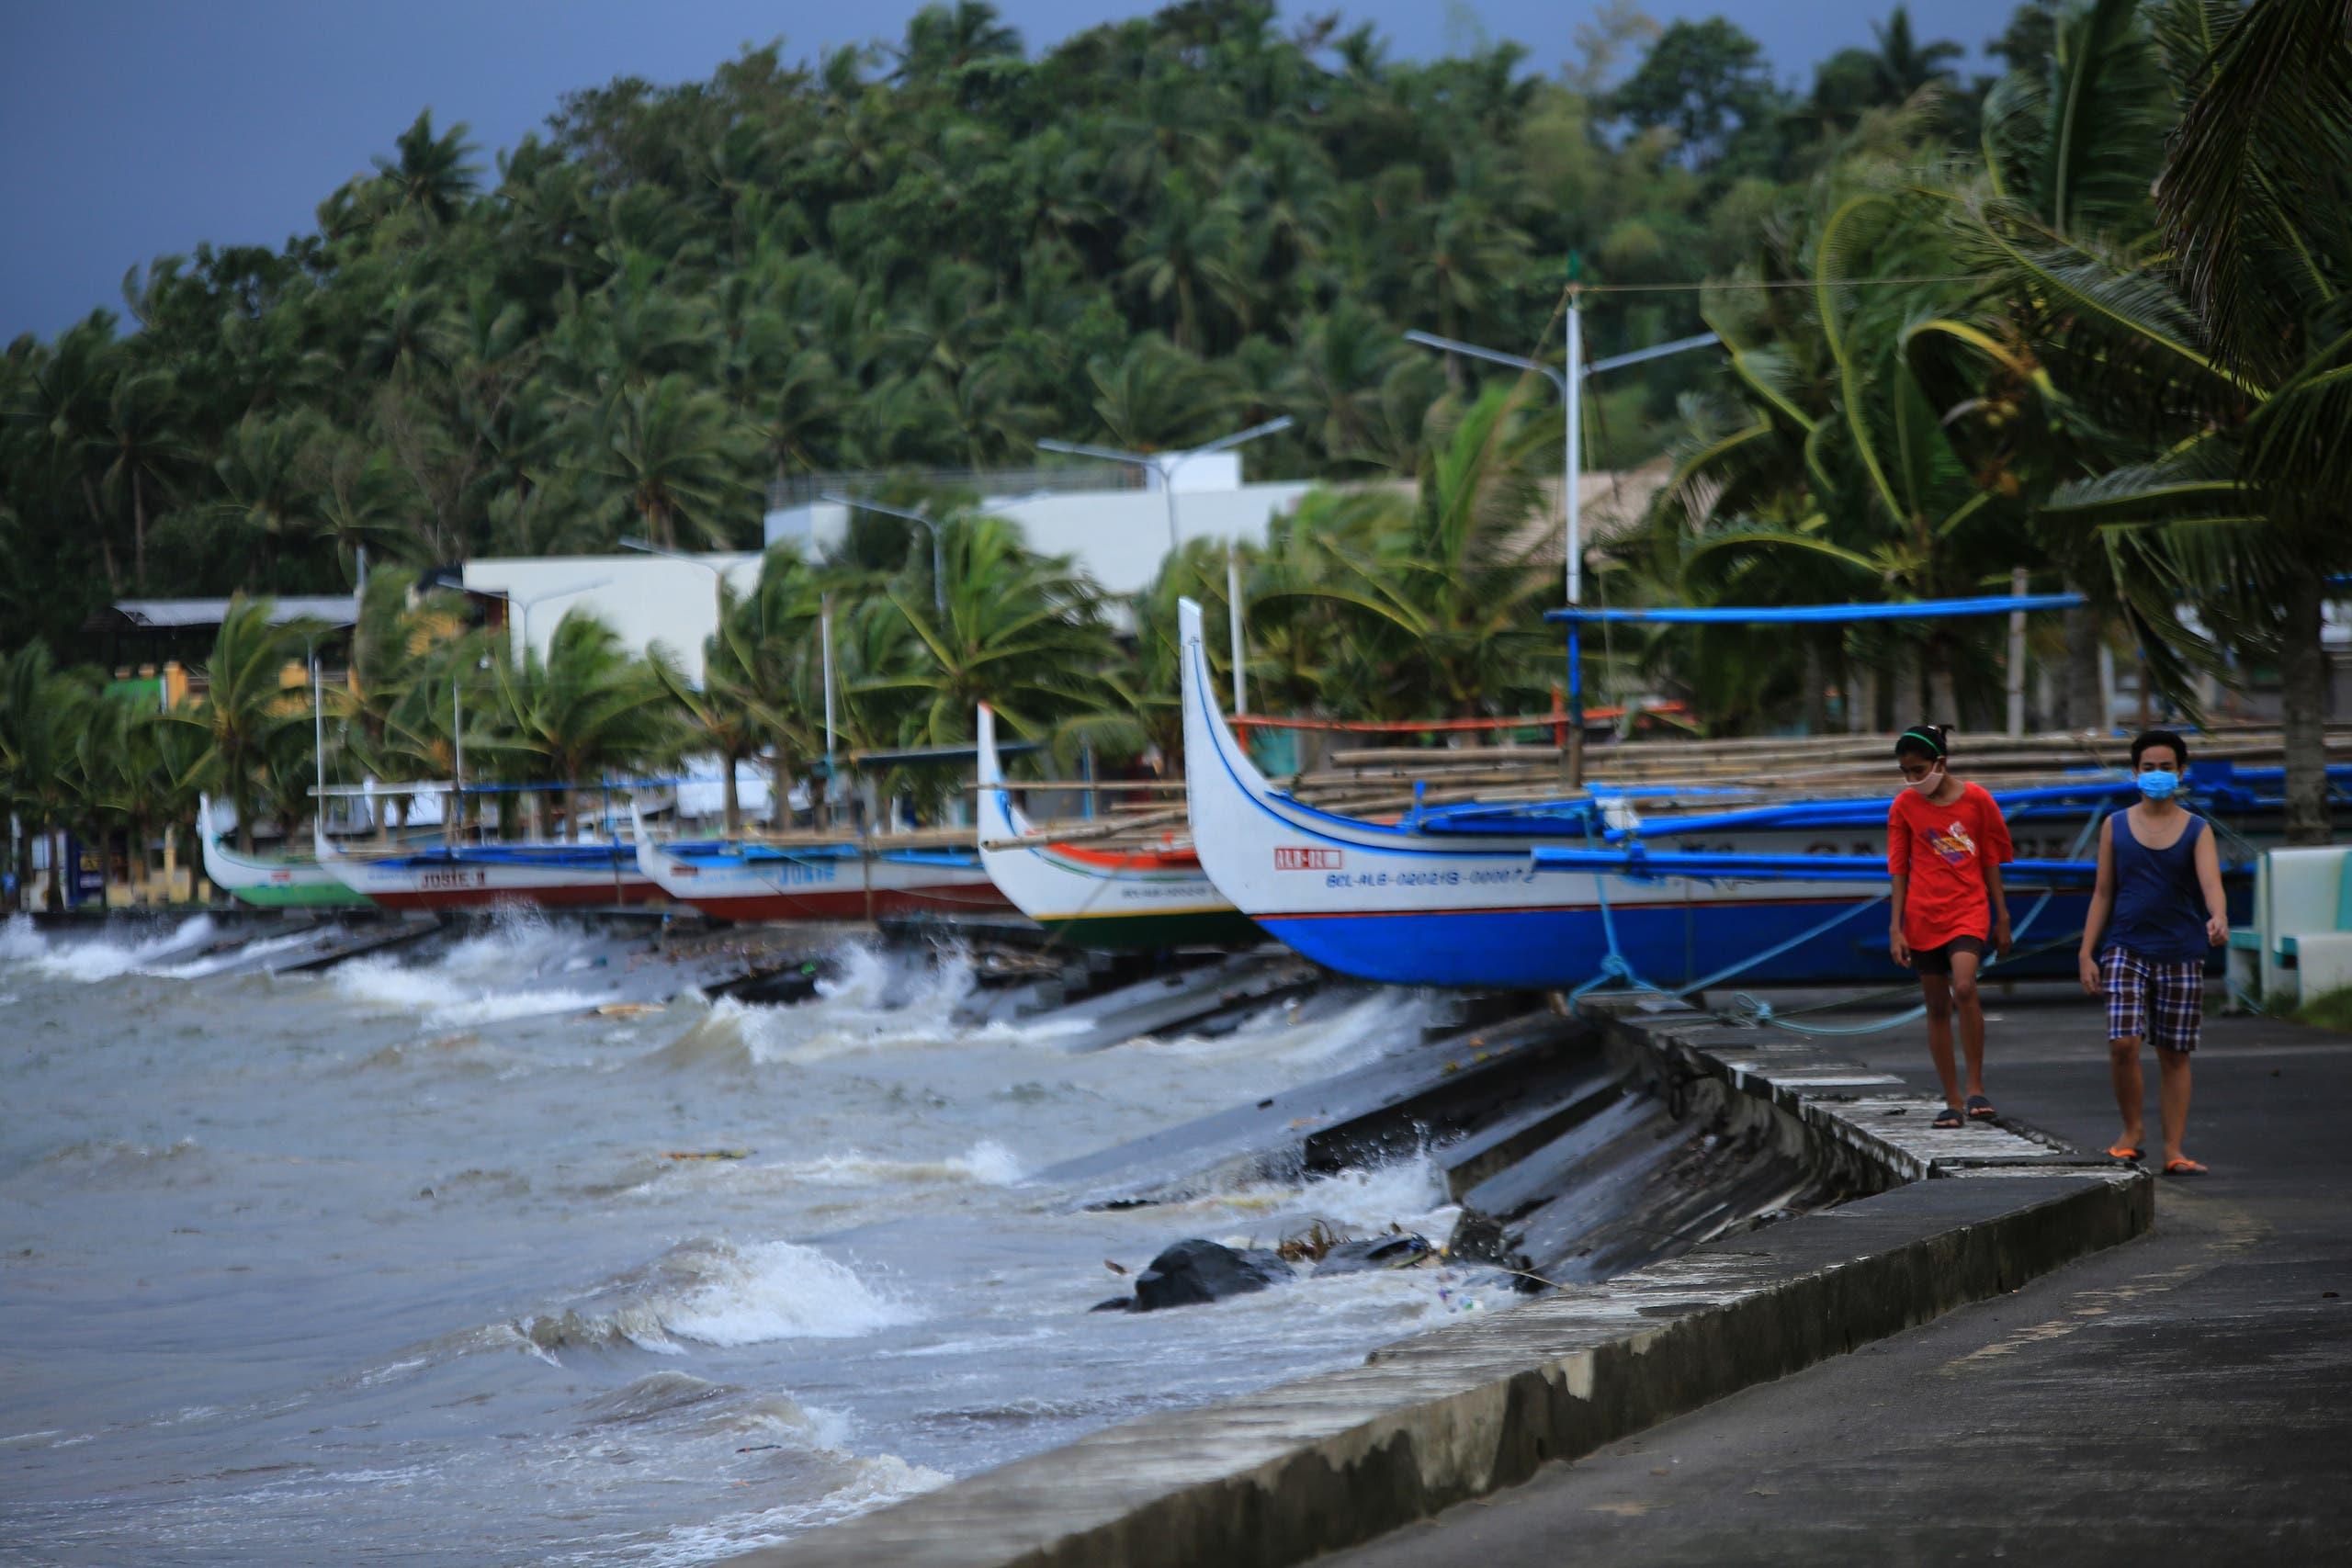 الإعصار غوني يضرب الفلبين.. وإجلاء قرابة مليون شخص